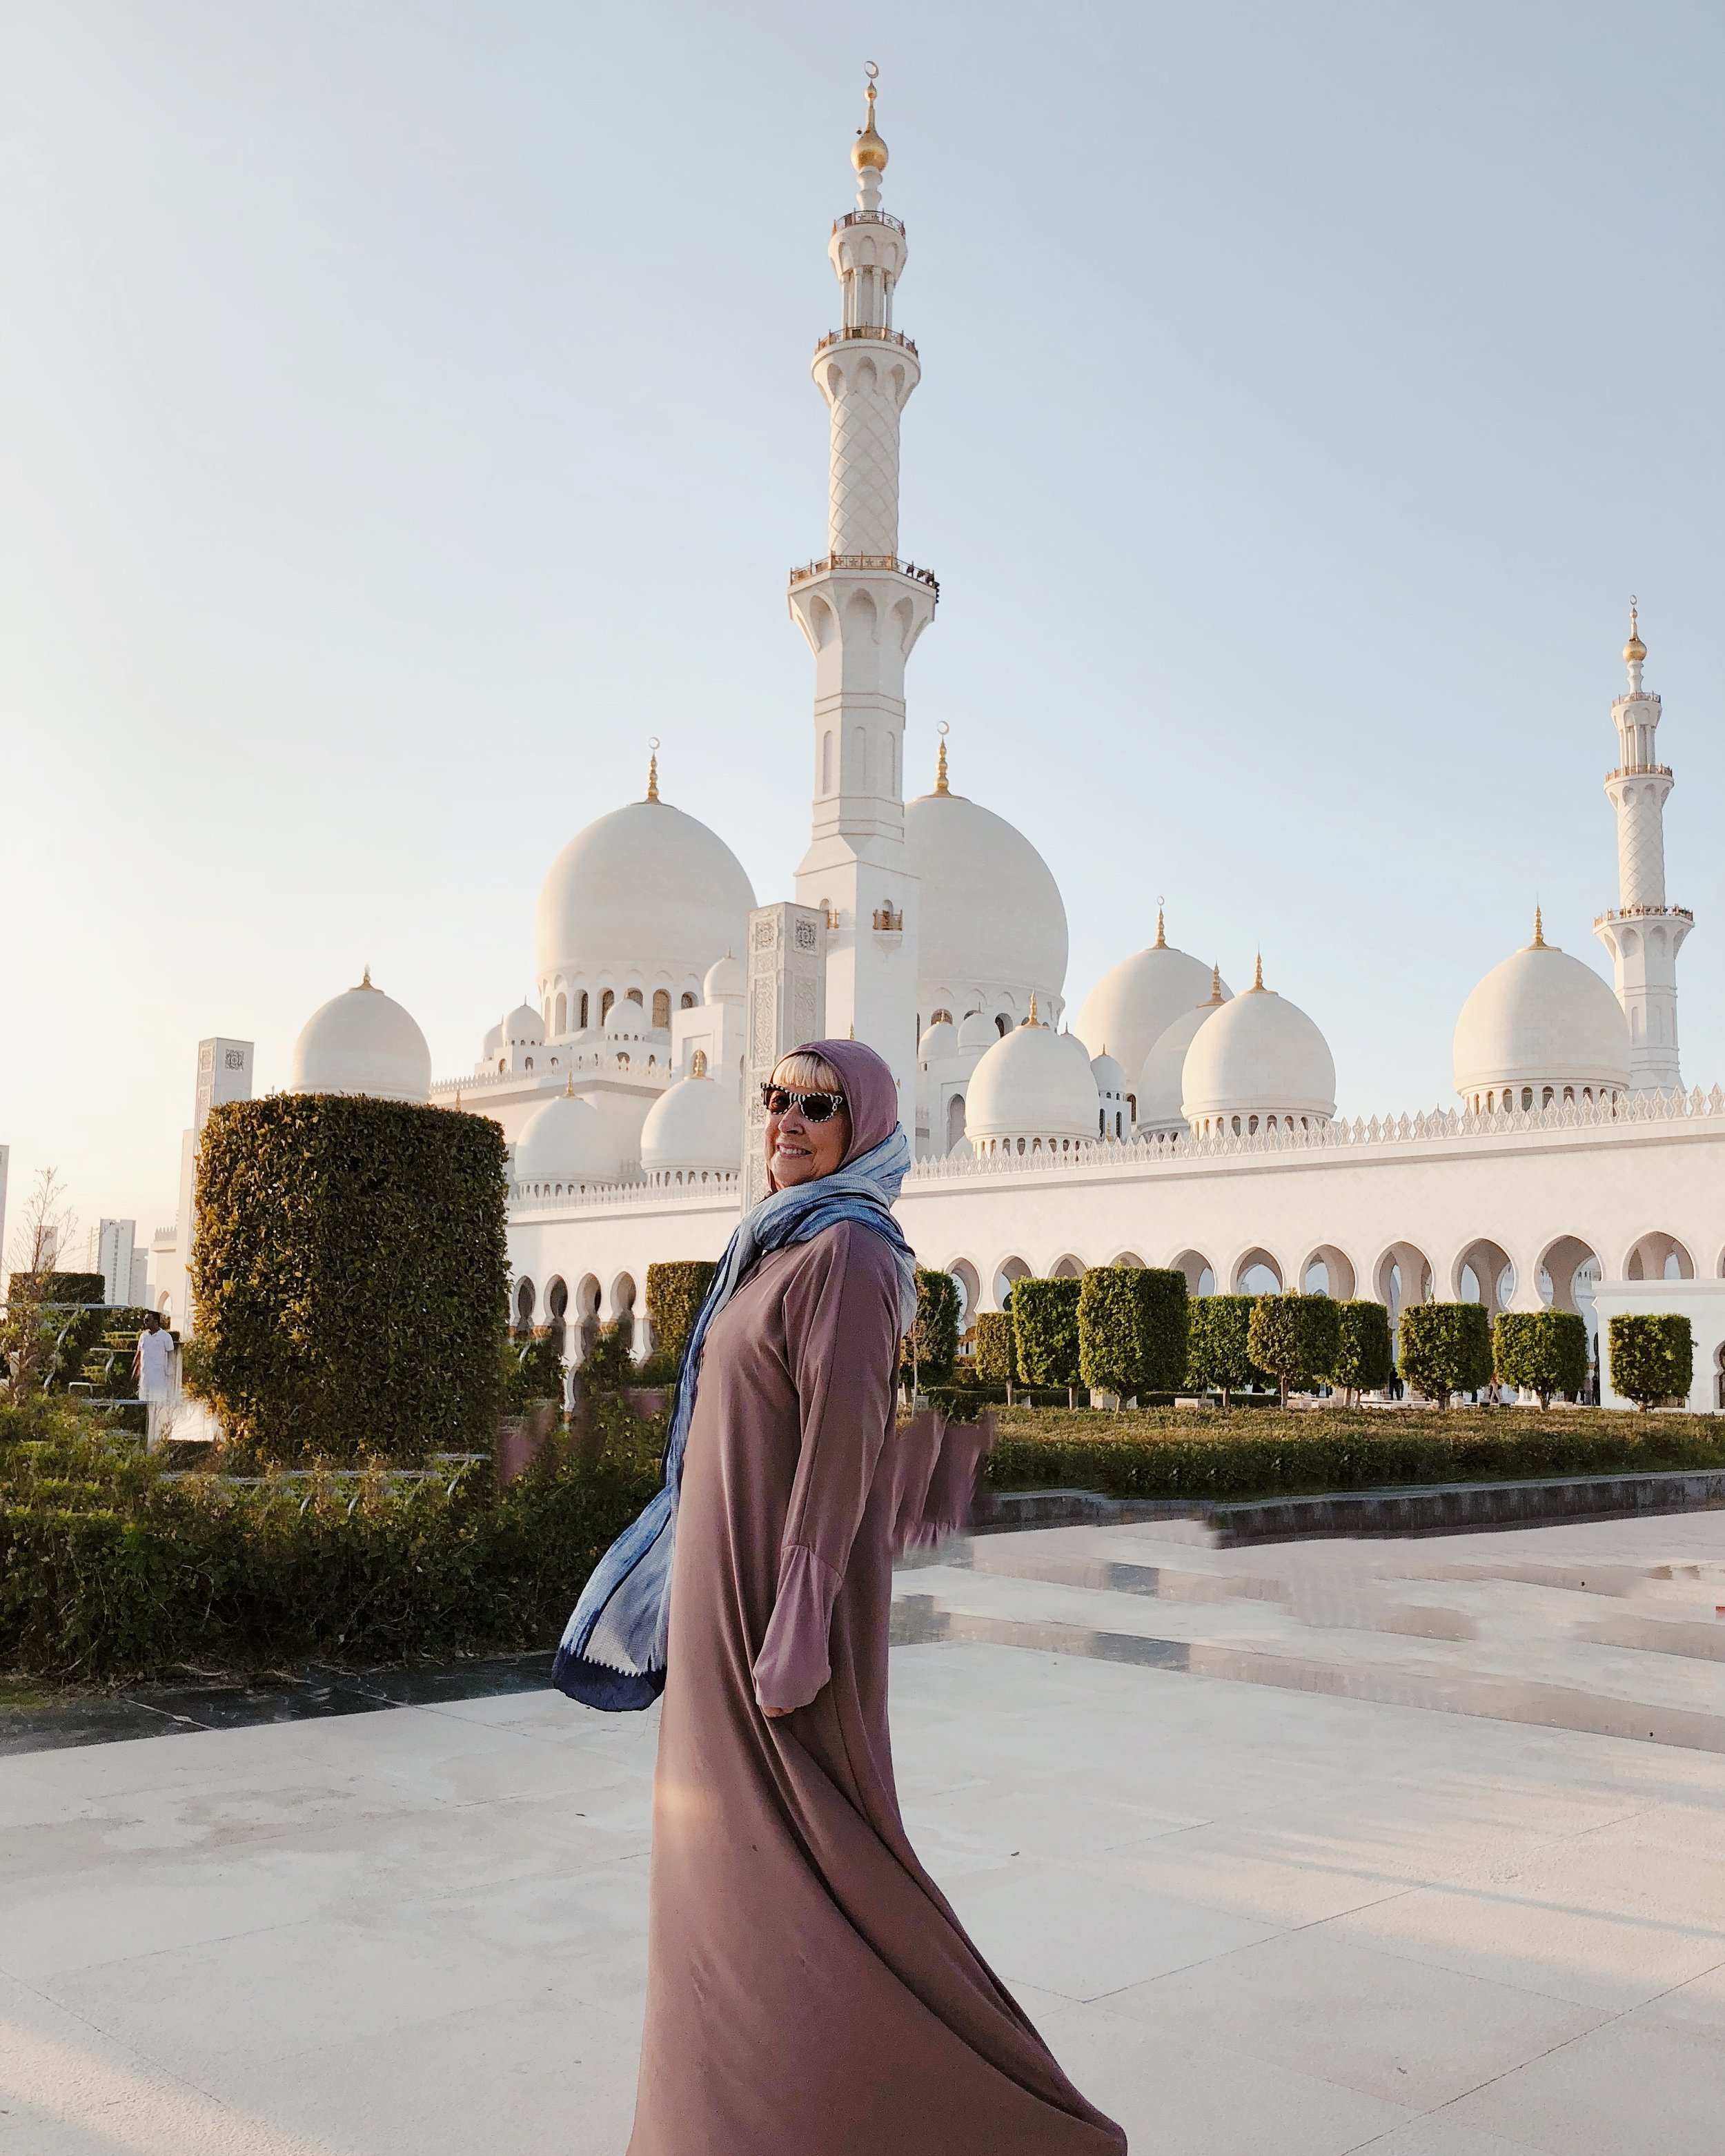 My week in Abu Dhabi